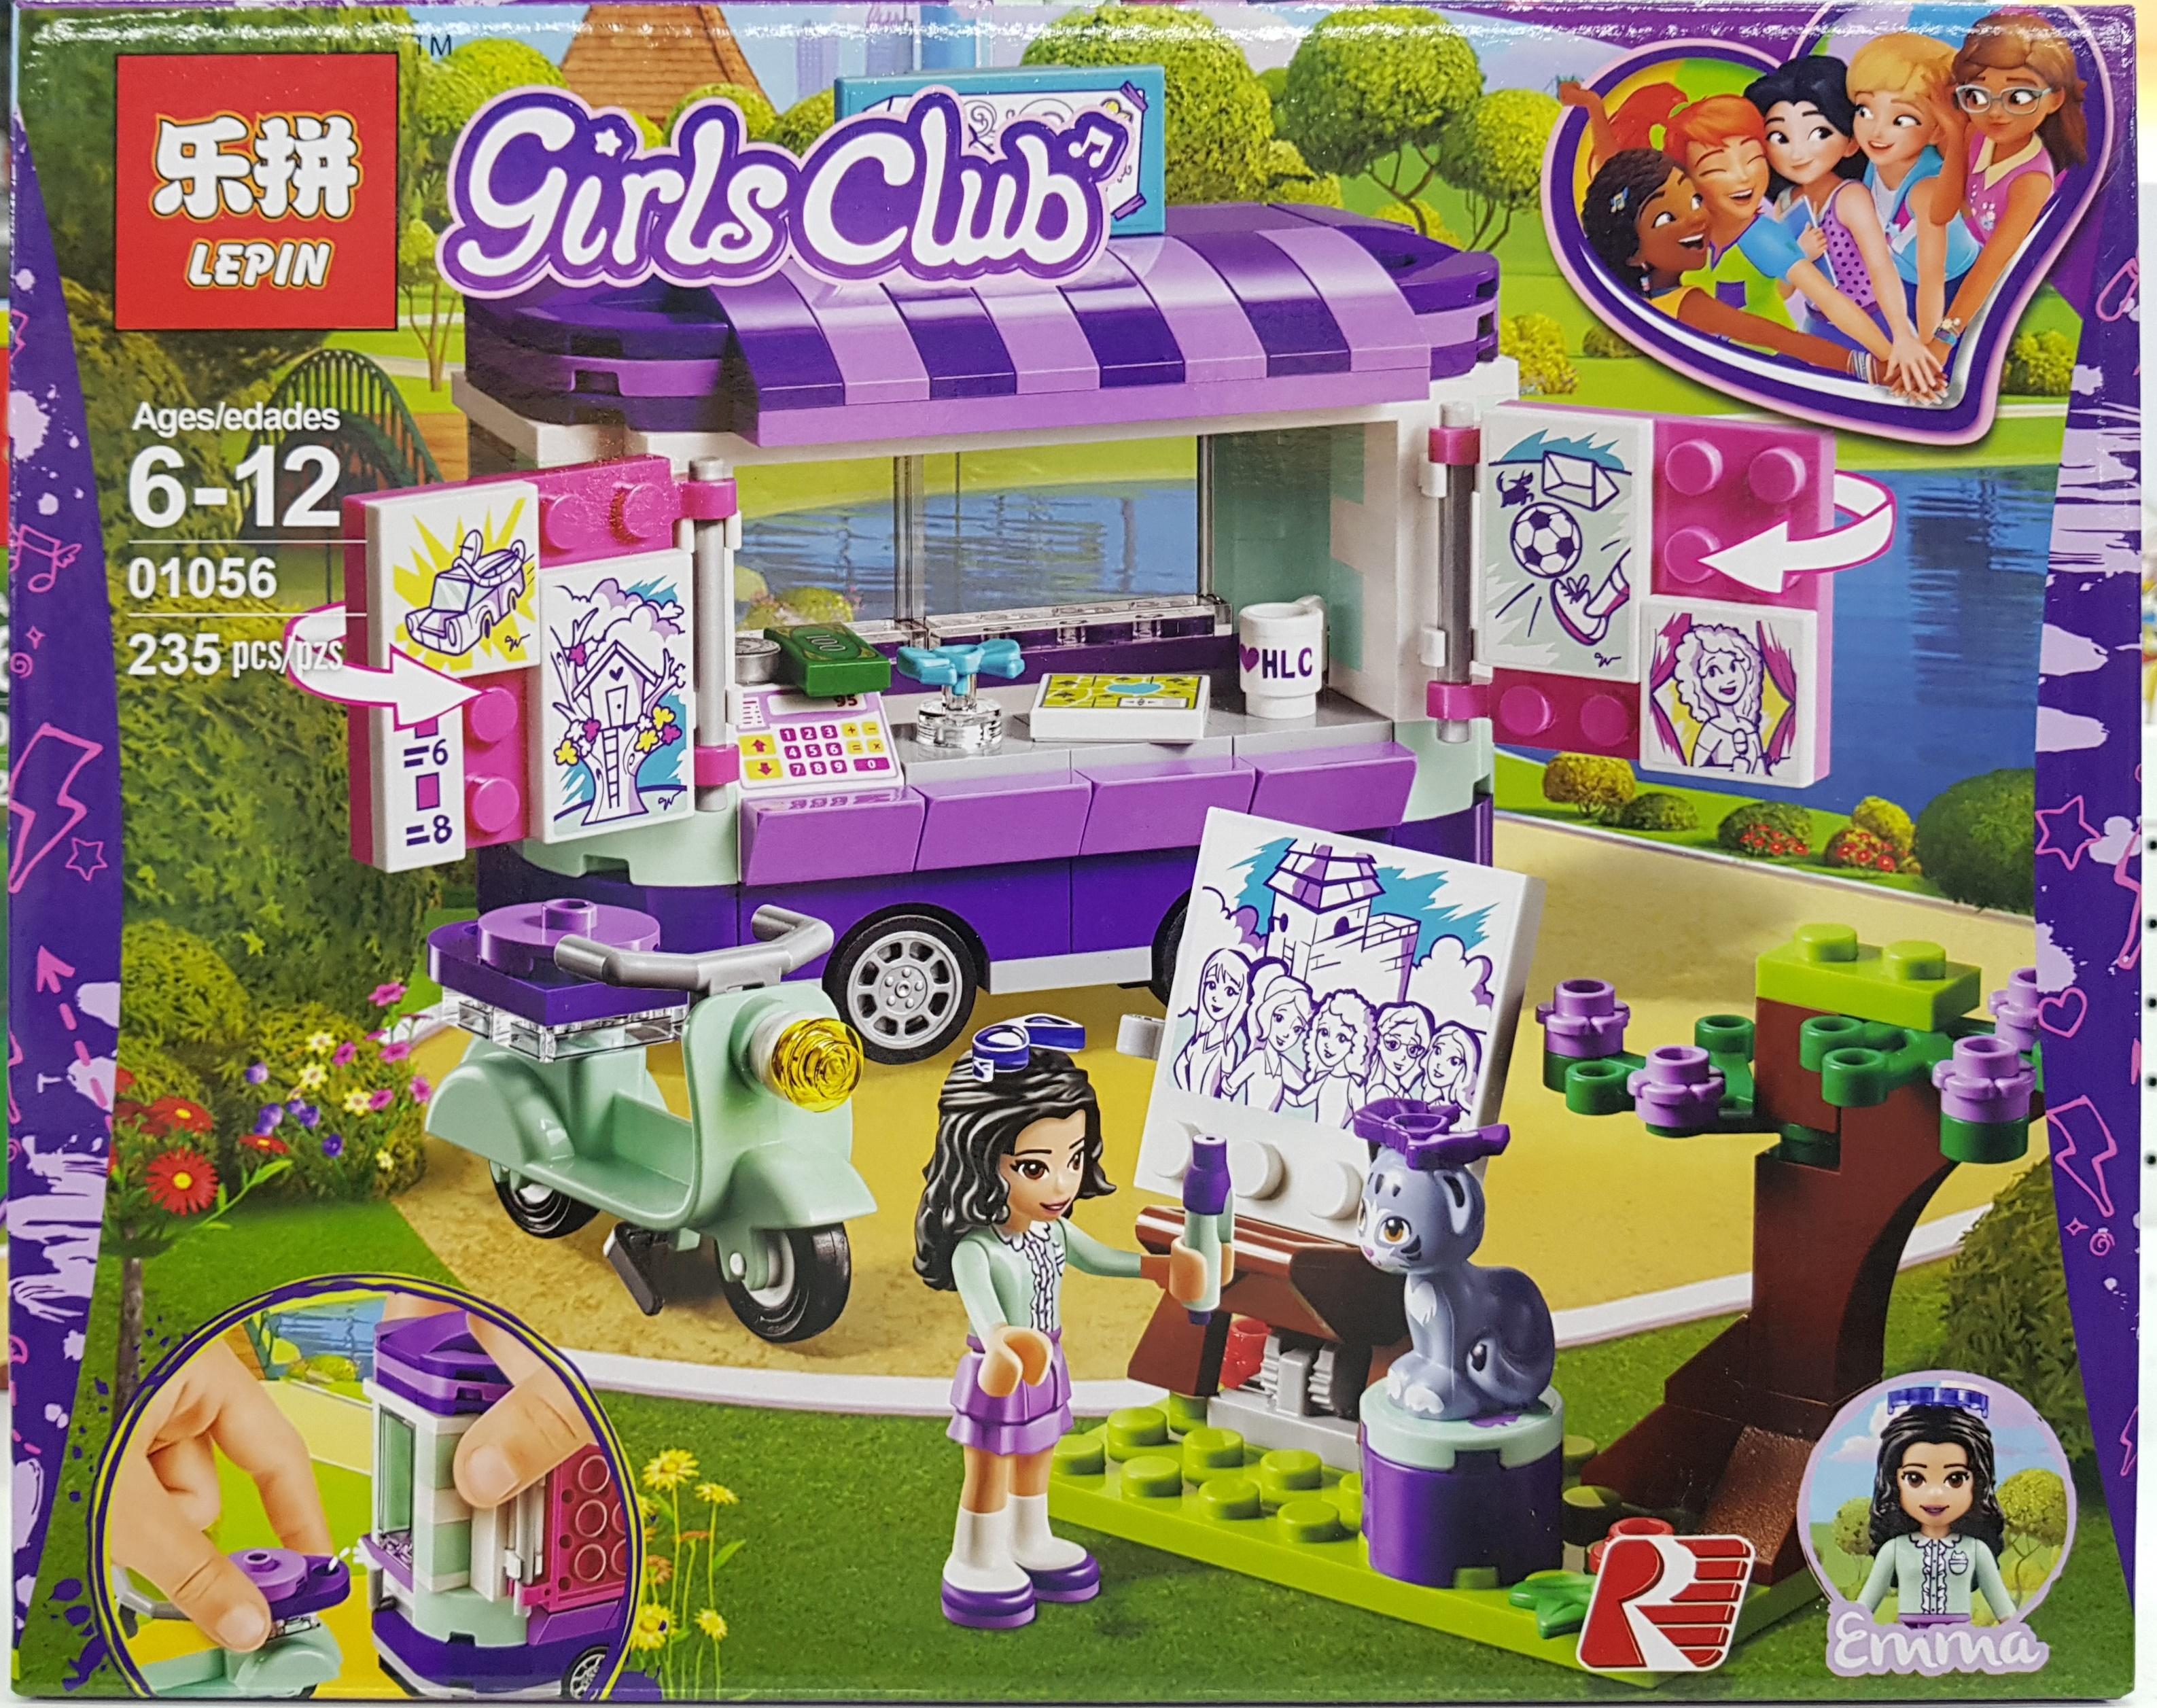 LEPIN GIRLS CLUB 01056 (235ชิ้น)